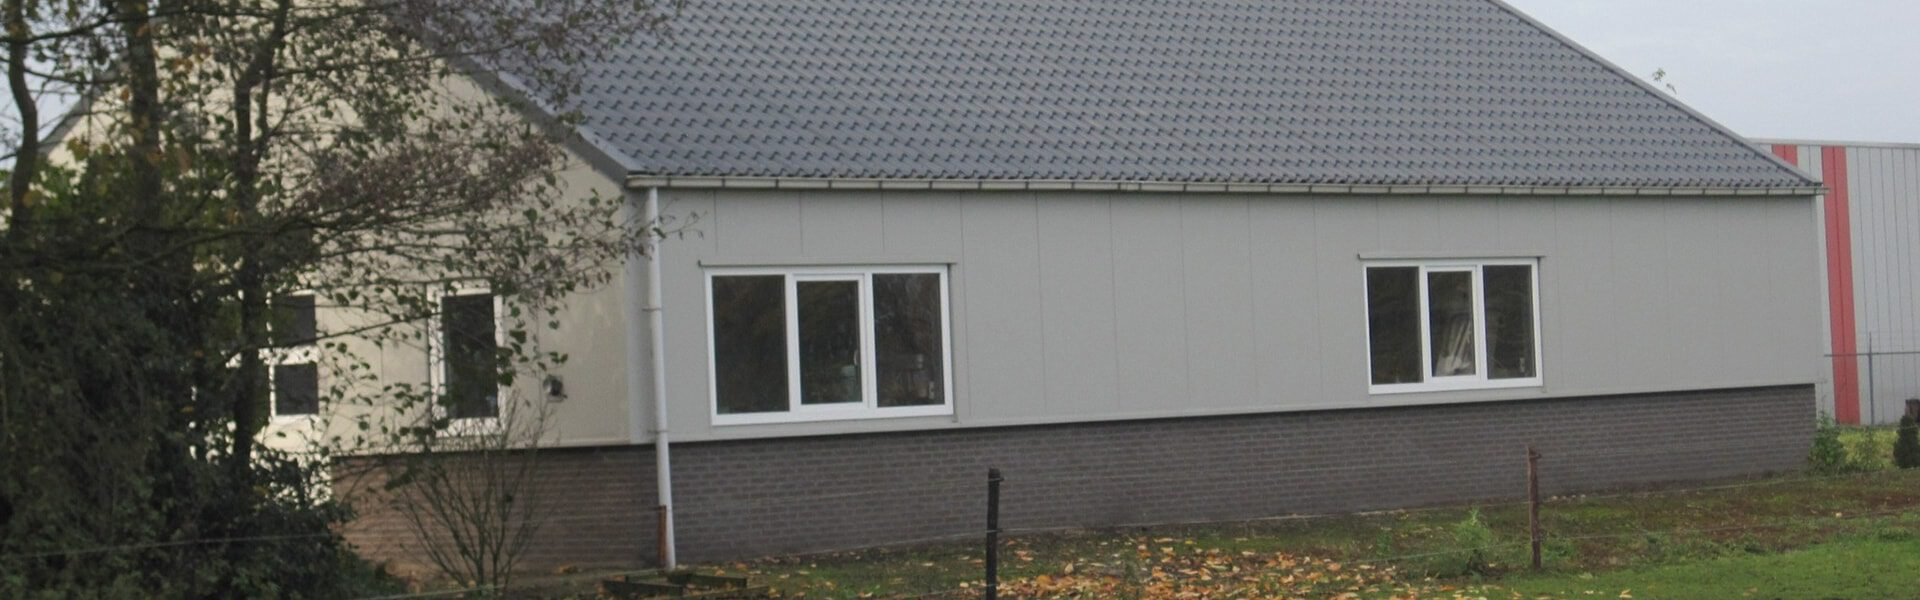 Voordelen van het gebruik van golfplaten op het dak van je woning